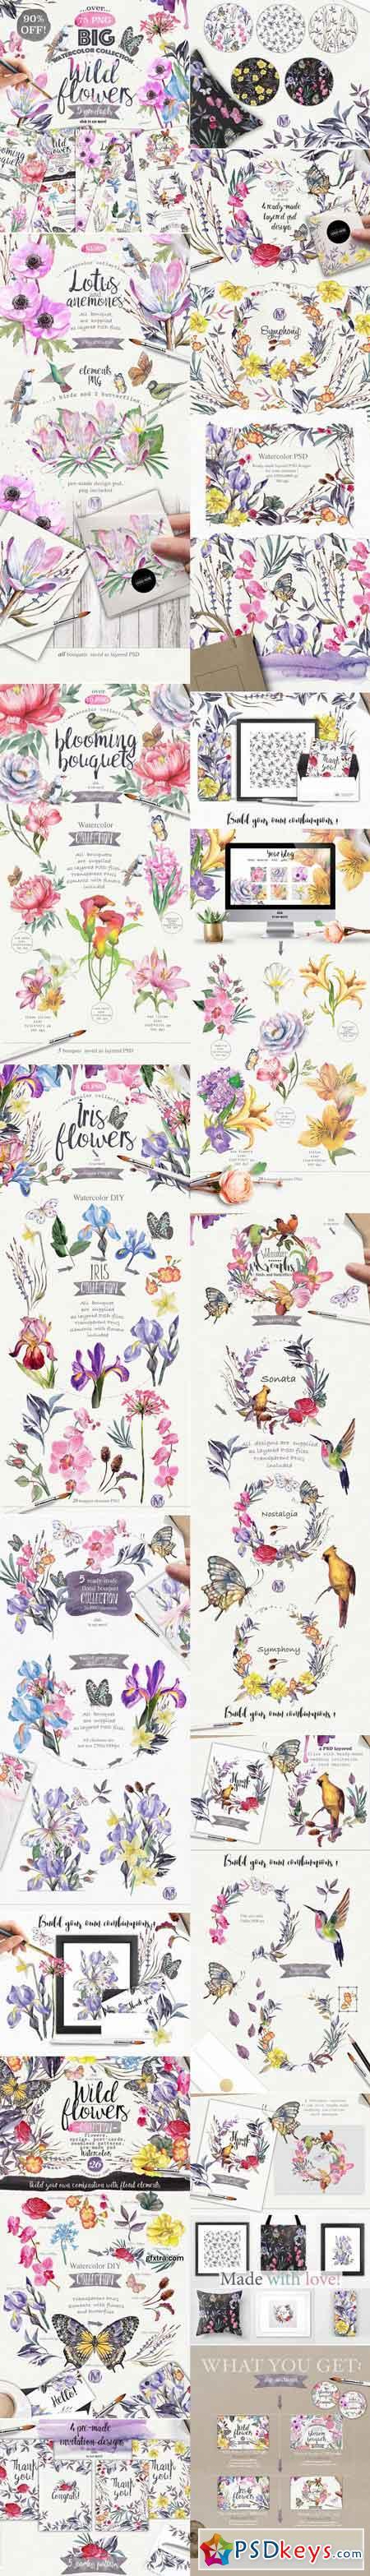 Wild flower pack 75 751352